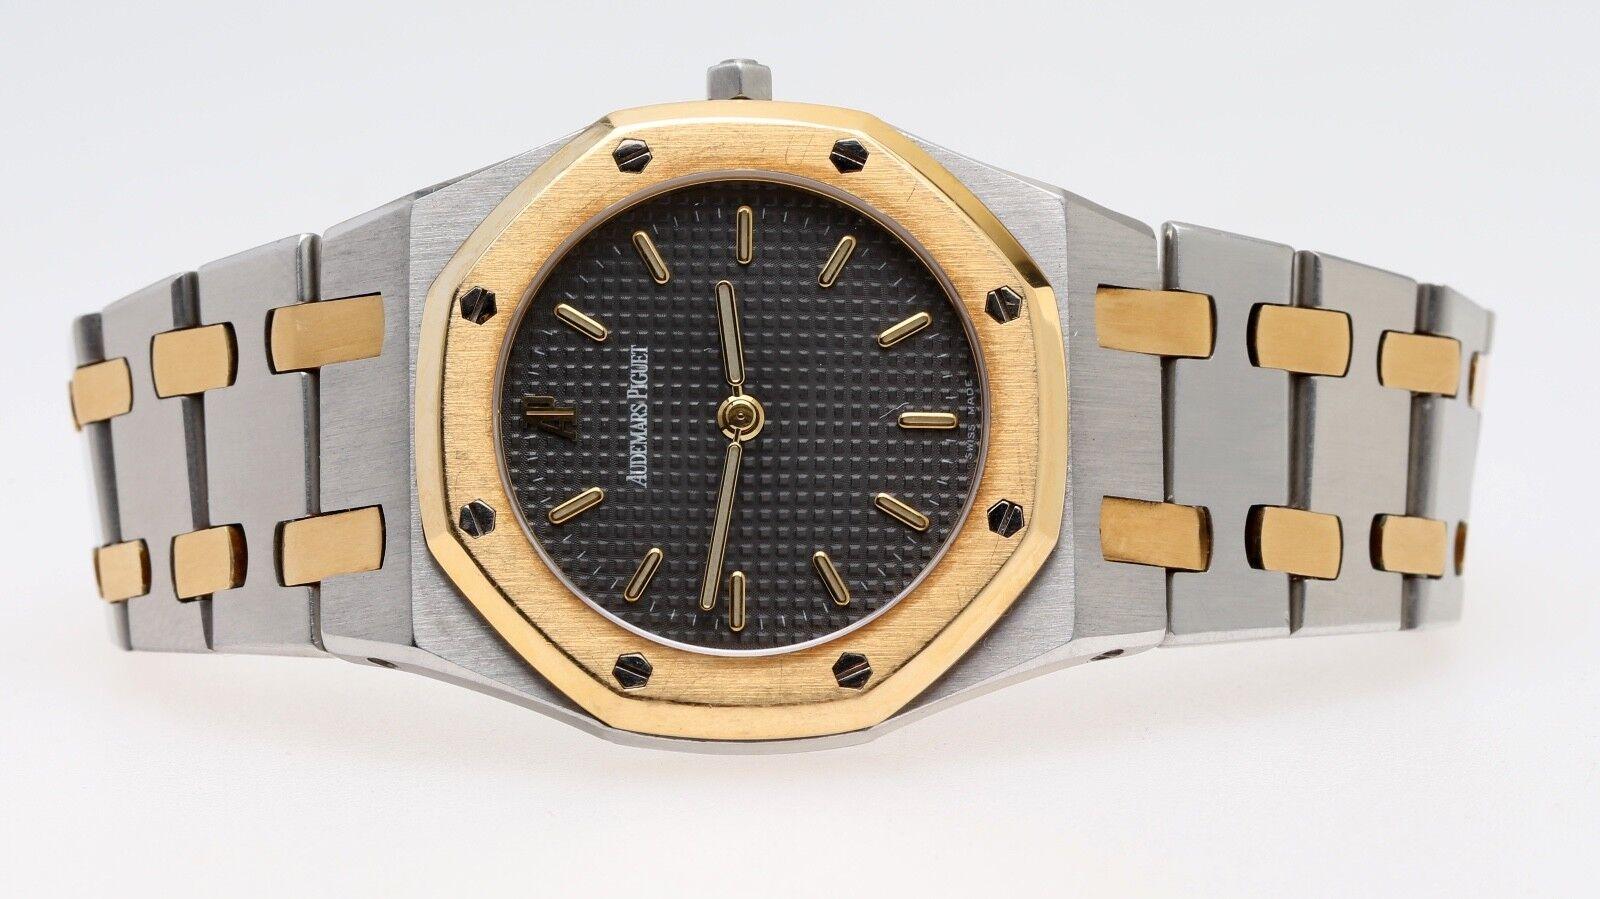 Audemars Piguet Royal Oak Gold & Stainless Steel Wristwatch - watch picture 1